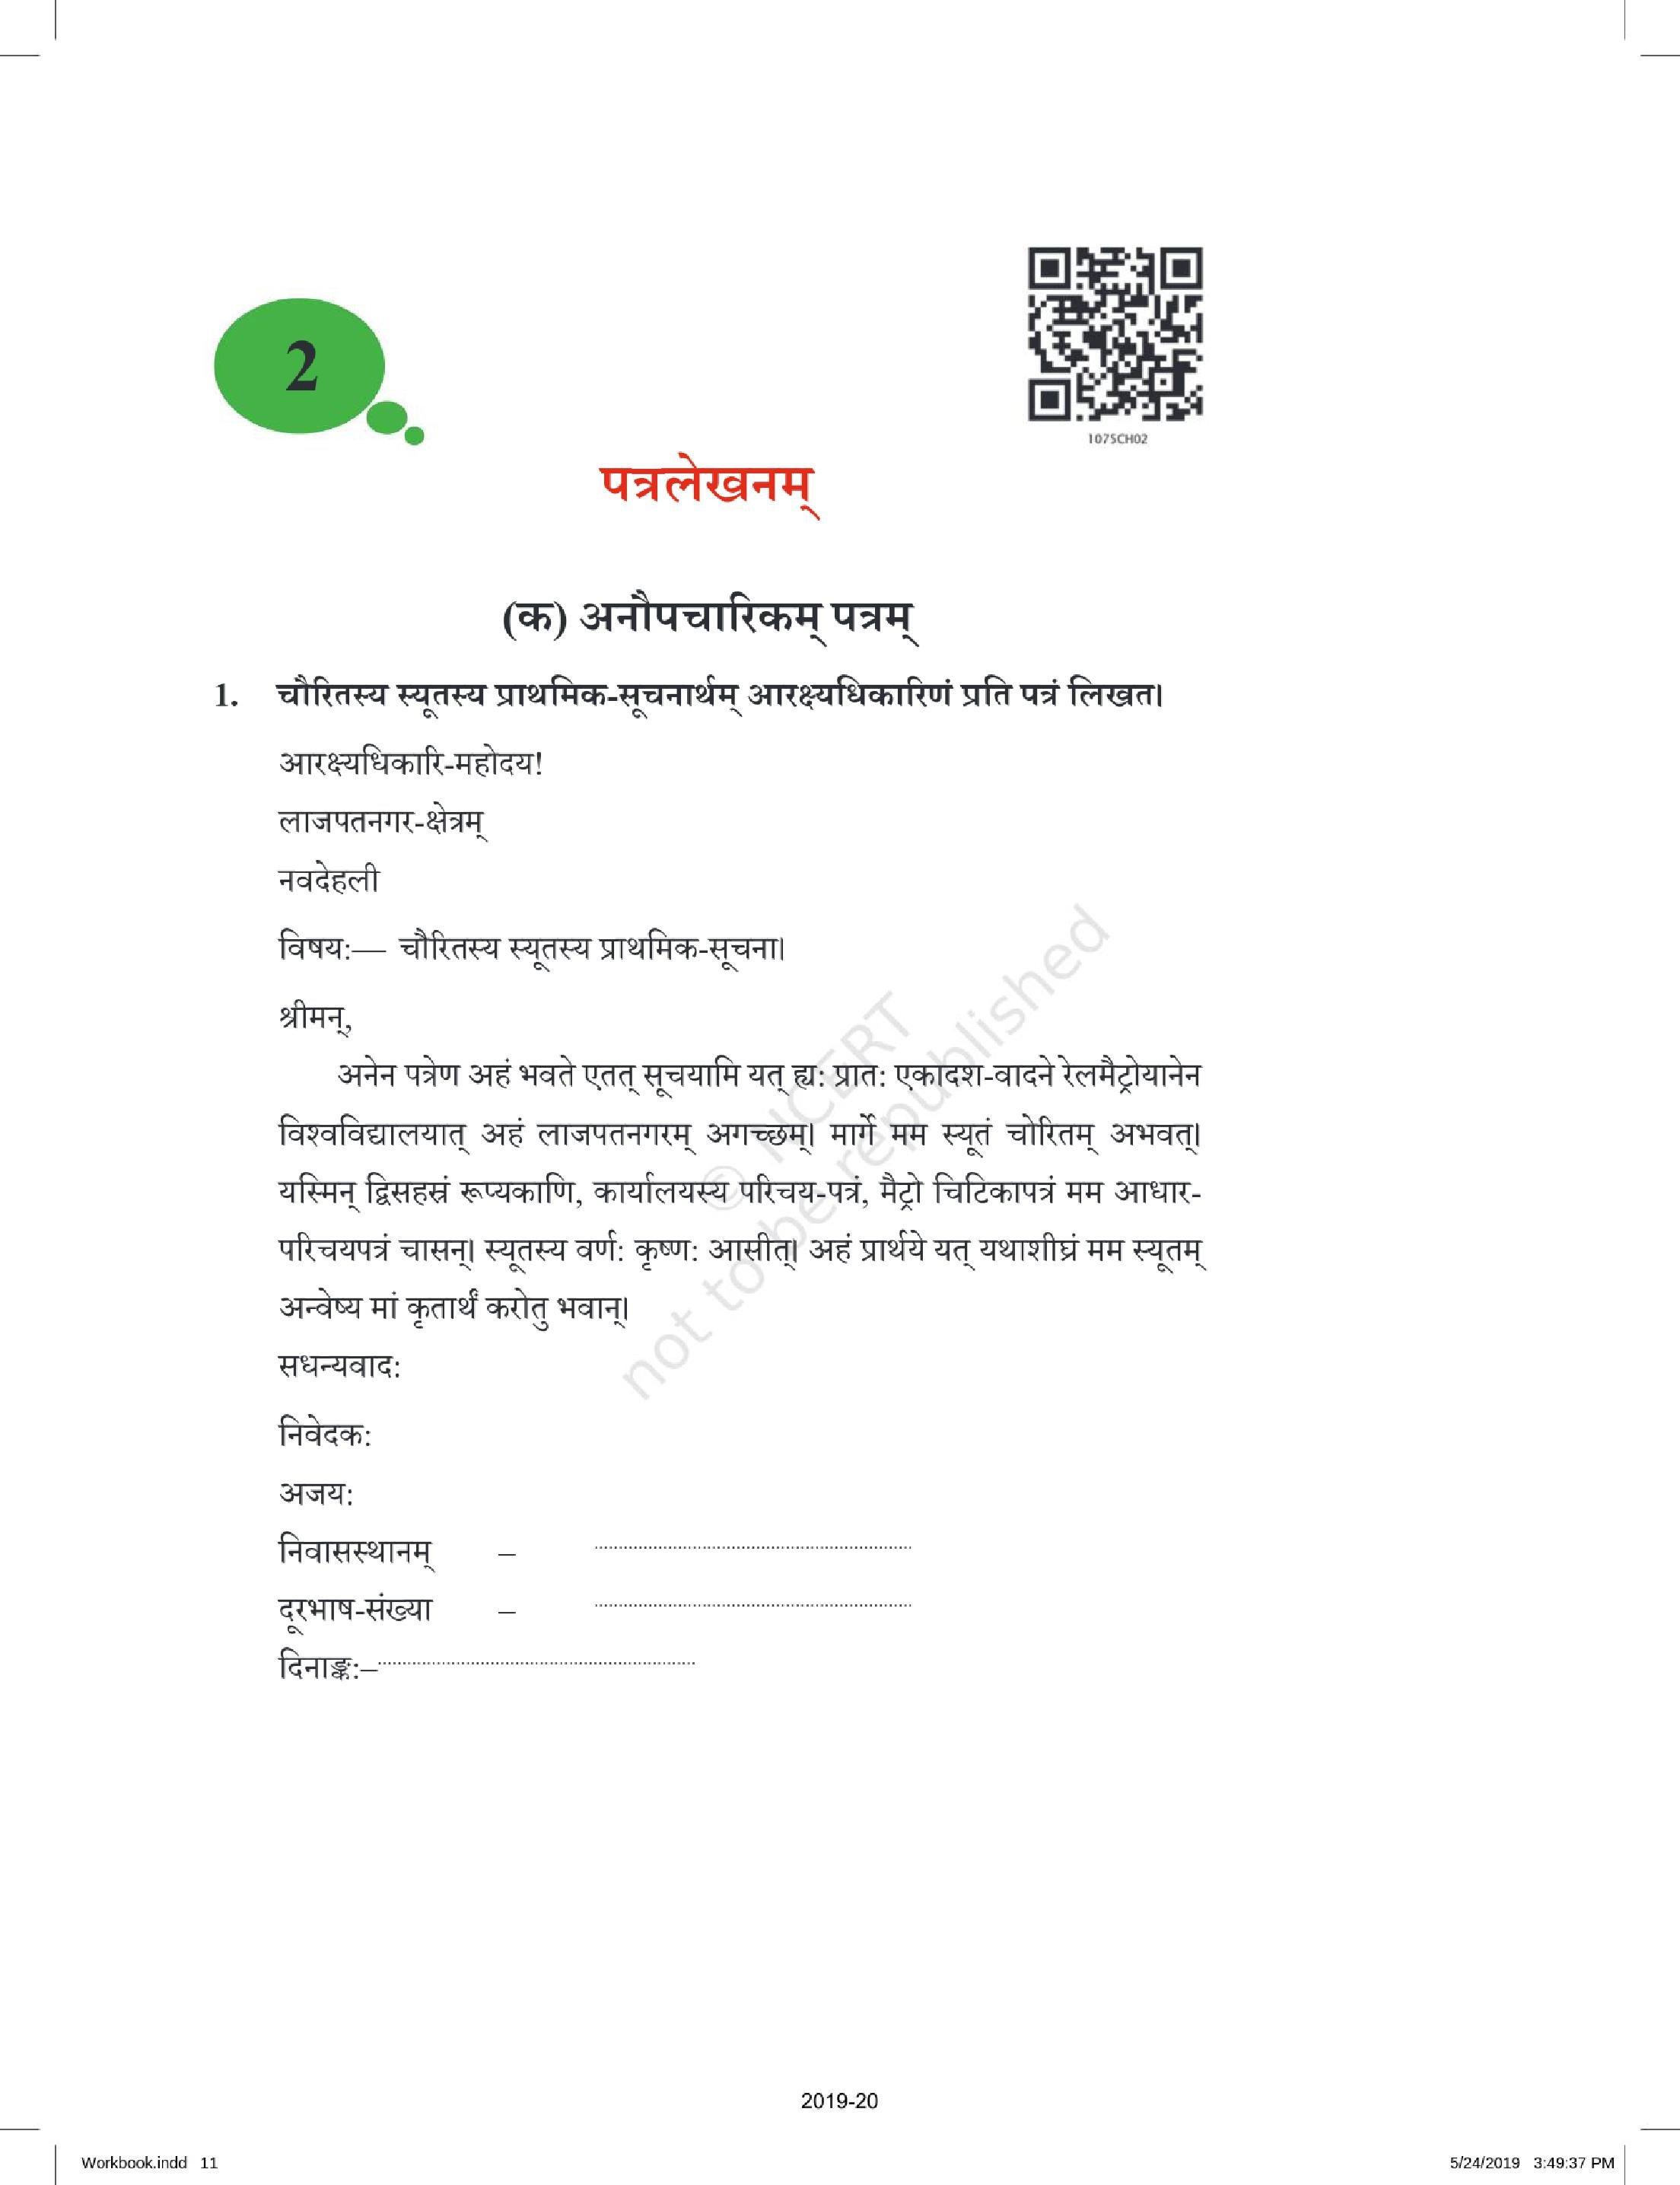 NCERT Book Class 10 Sanskrit (अभ्यासवान् भव) Chapter 2 पत्रलेखनम - Page 1